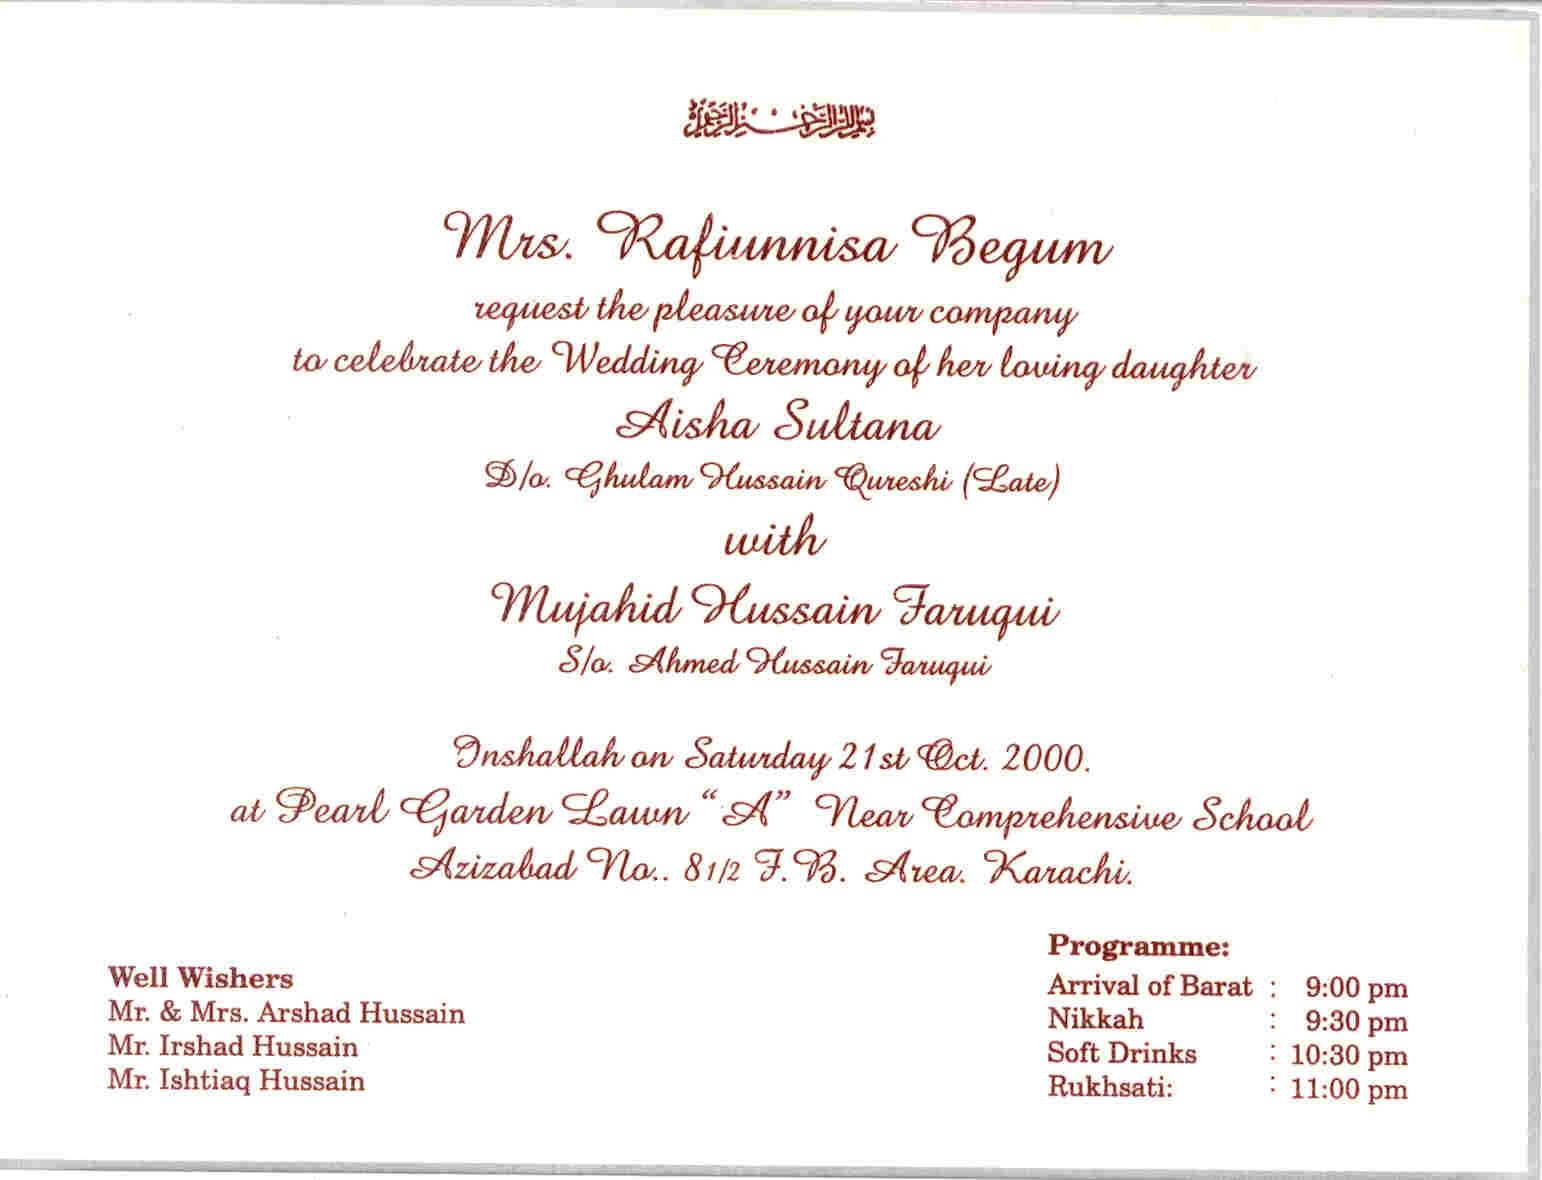 Pakistani Wedding Invitation was amazing invitations sample